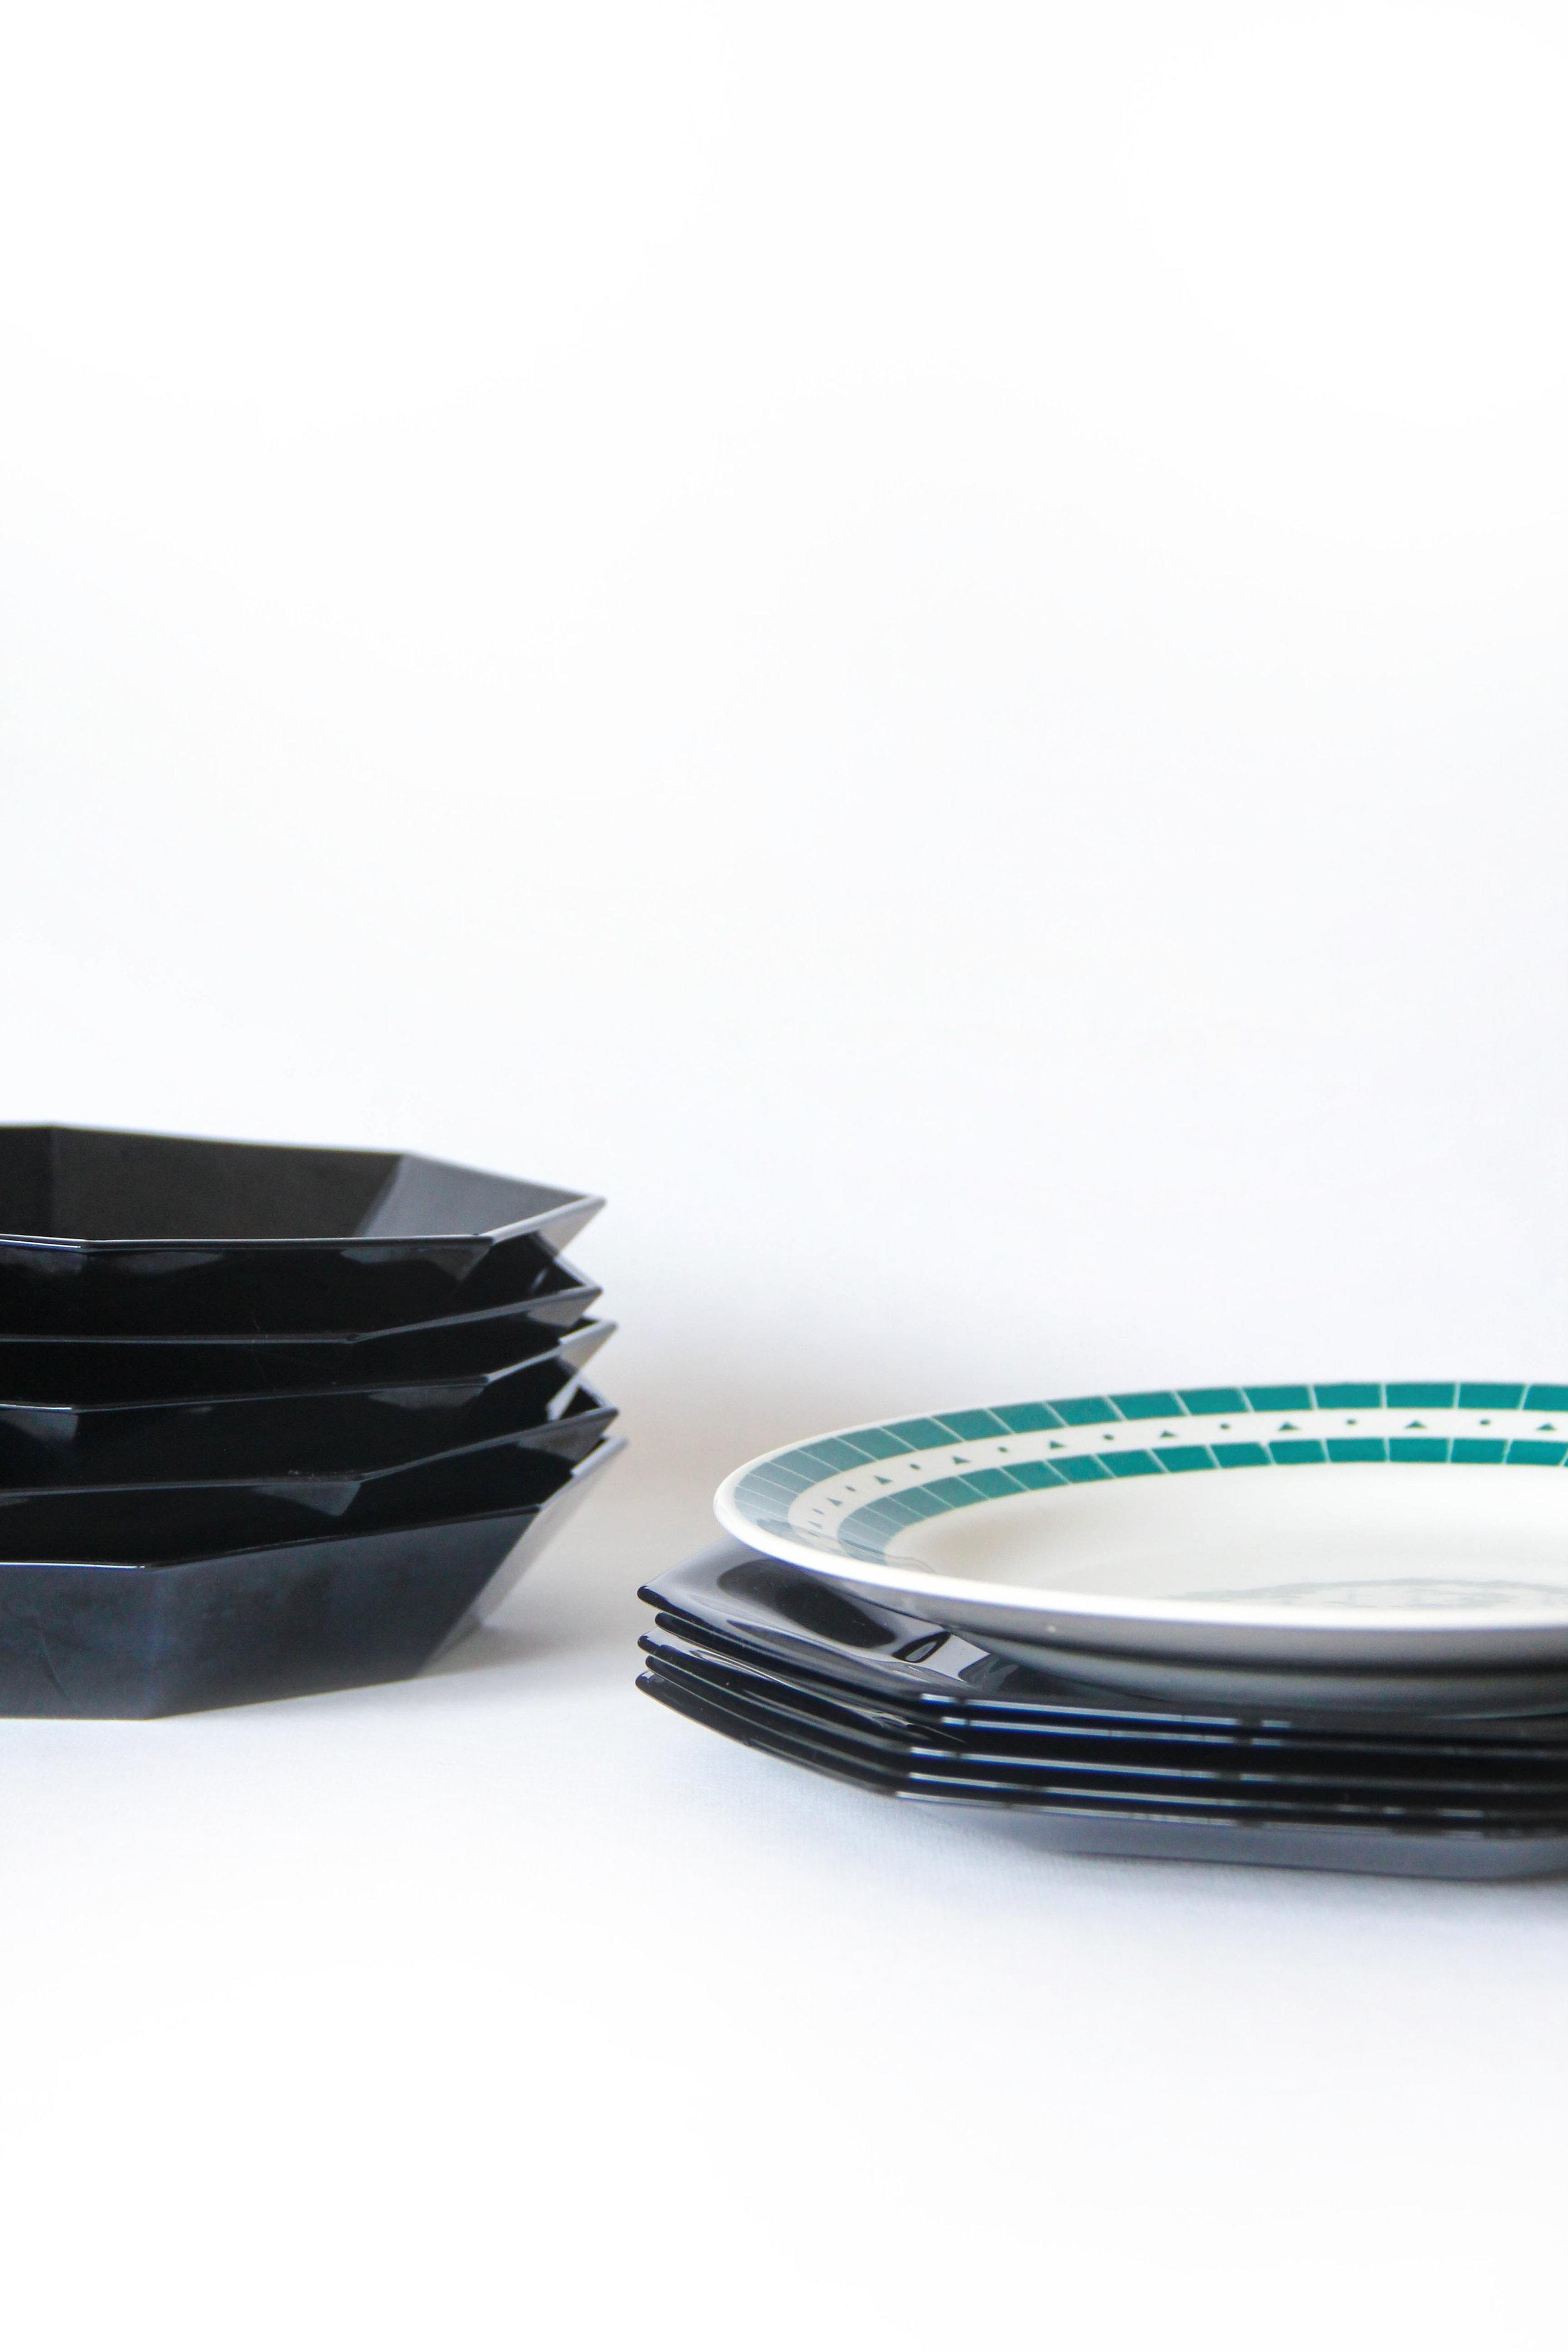 Pines - € 32 - - Dinnerset 5 personen- Bevat: 5 onderborden (25 cm), 5 borden (23,5 cm), 5 diepe borden (20 cm)- Vaatwas: zwart wel, groen beter met de hand- Gebruikssporen, geen schade